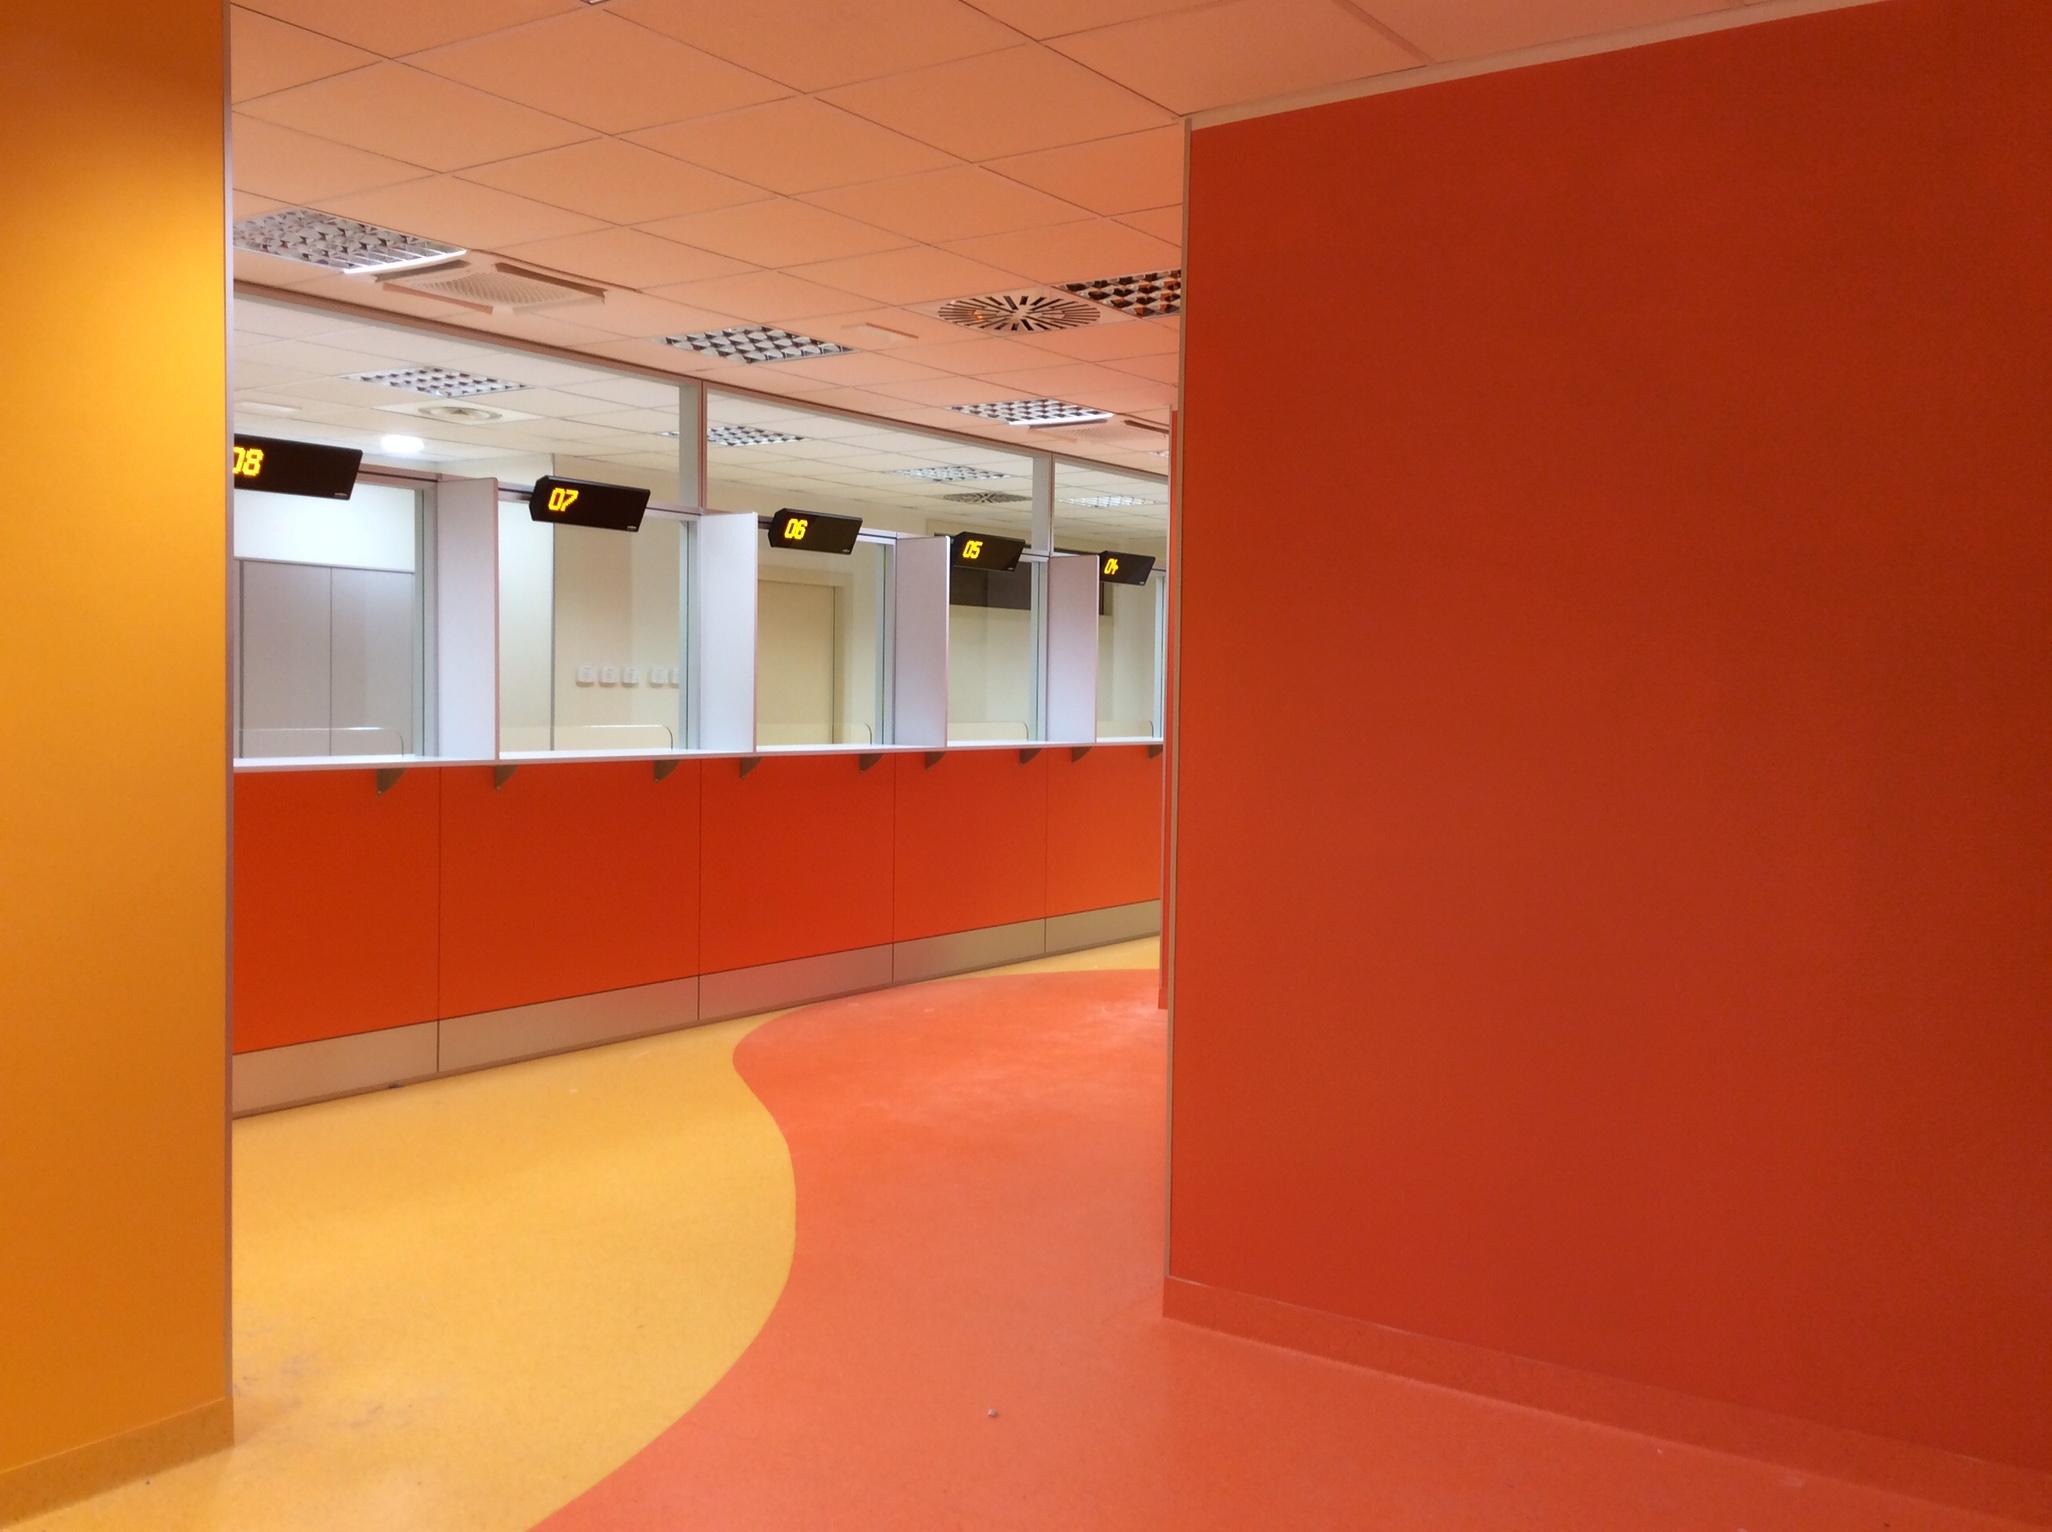 1 Accettazione ospedale arredamento pareti attrezzate su misura - Riganelli Arredamenti